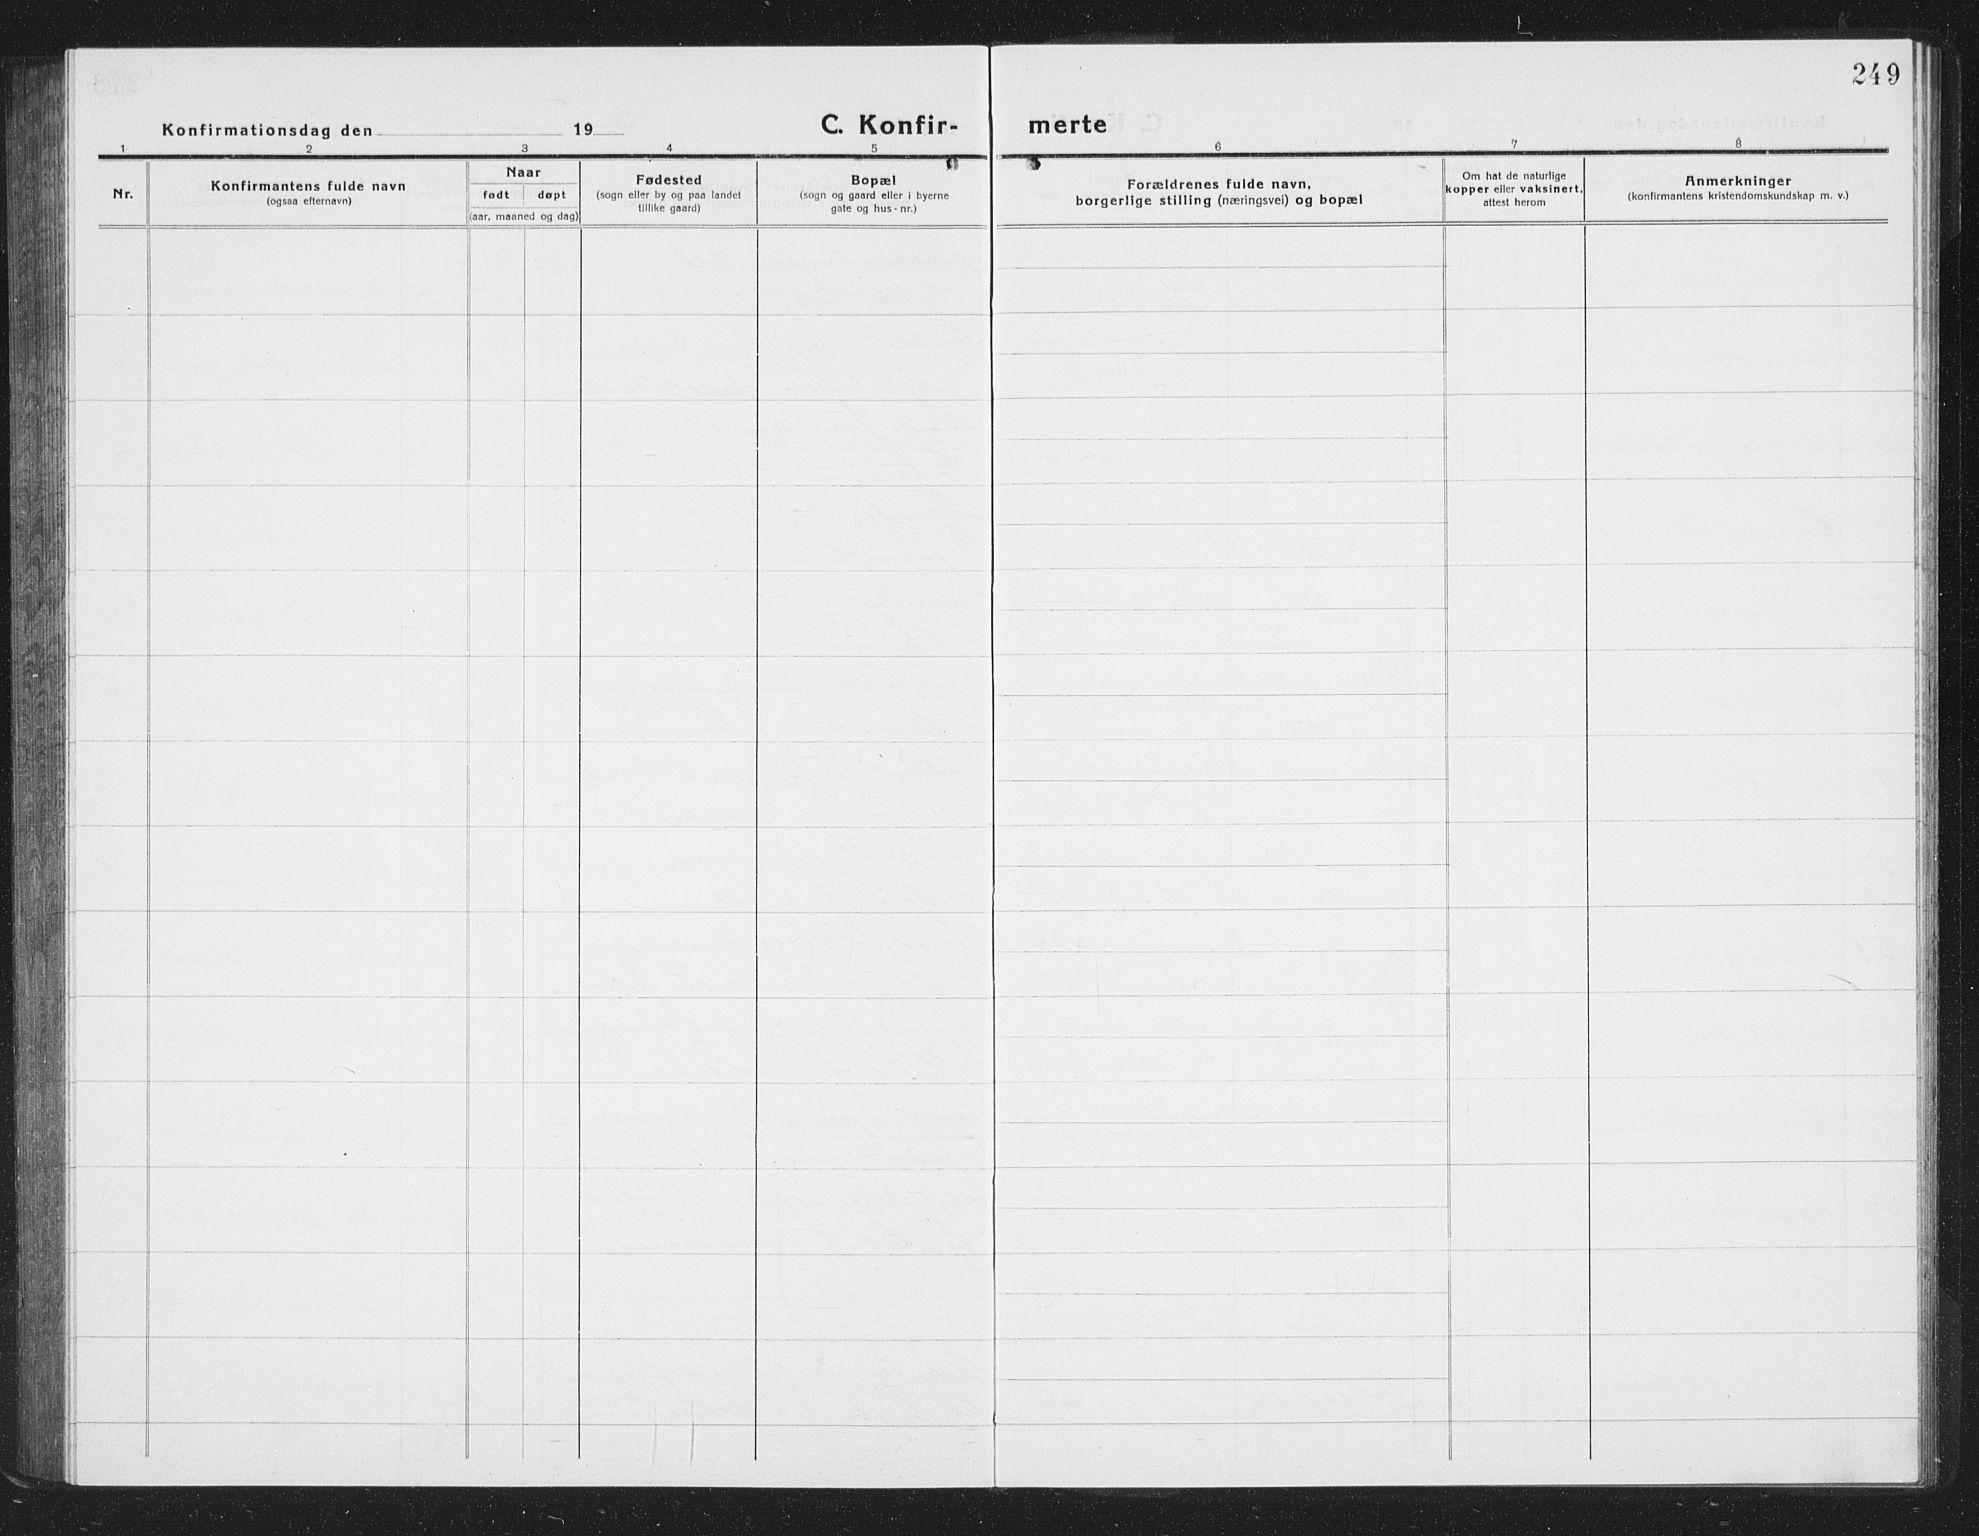 SAT, Ministerialprotokoller, klokkerbøker og fødselsregistre - Sør-Trøndelag, 605/L0258: Klokkerbok nr. 605C05, 1918-1930, s. 249